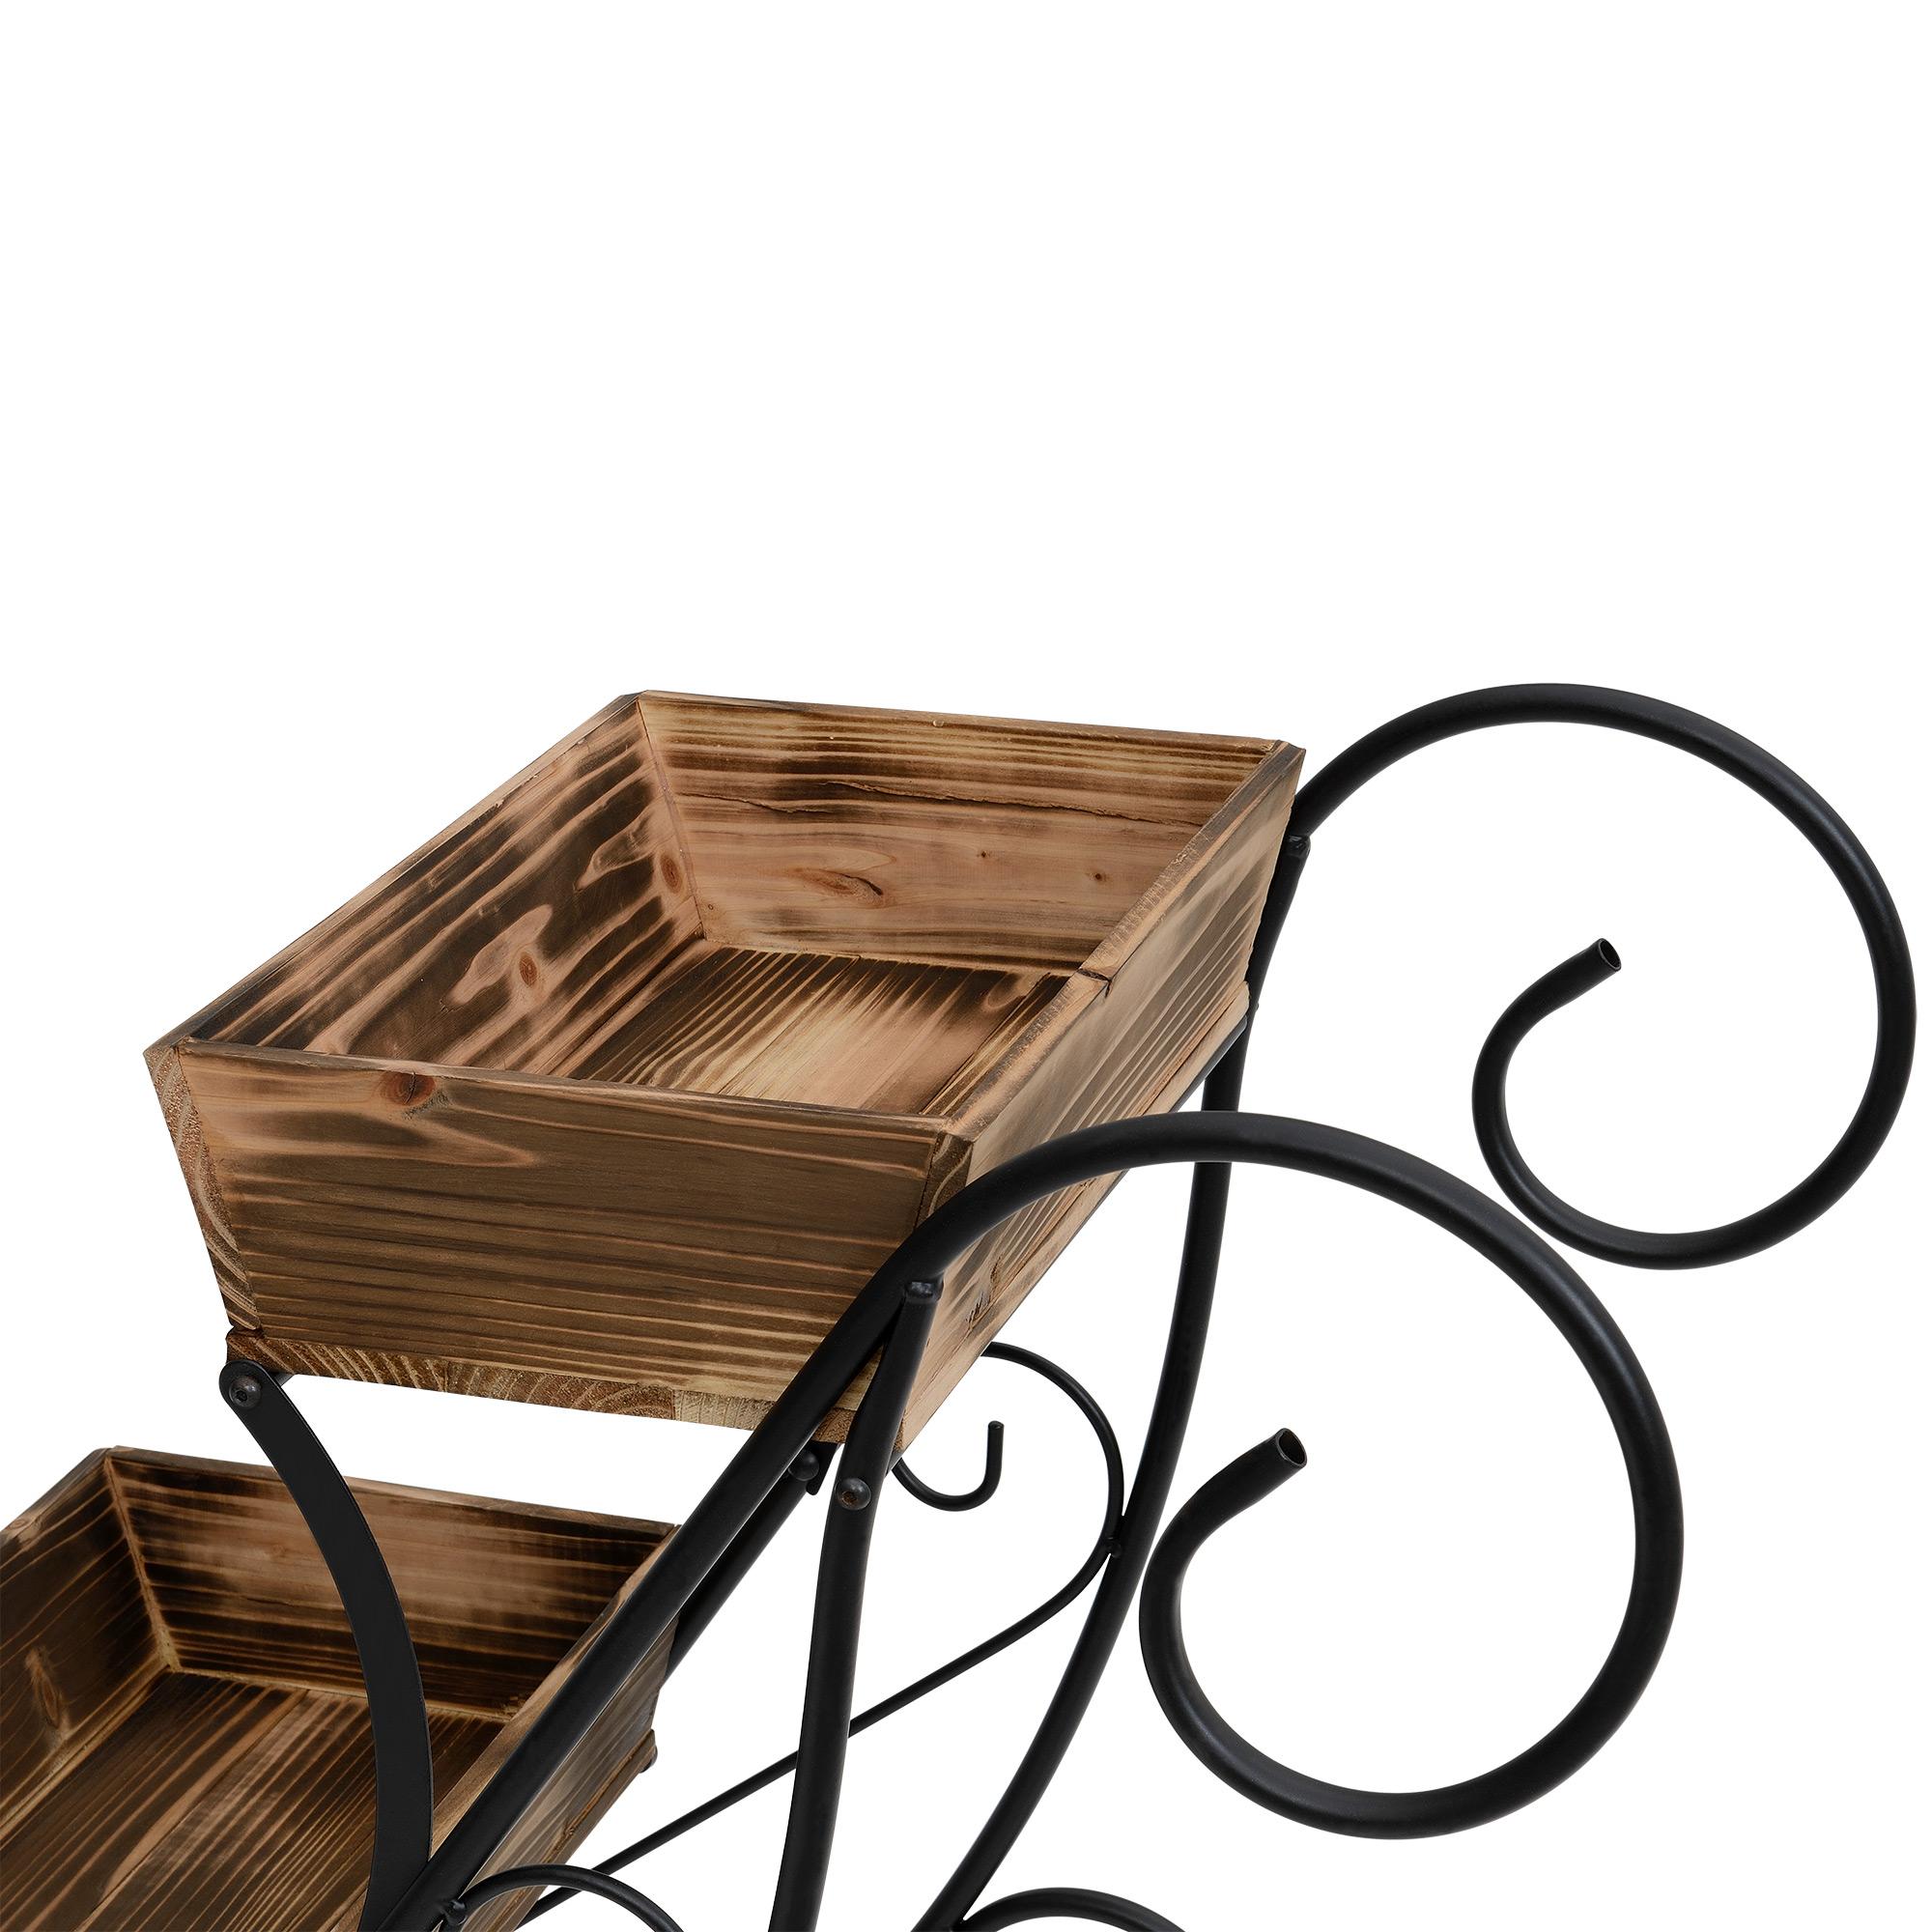 neu haus rankhilfe rankgitter metall gartendekoration rosengitter rosenbogen ebay. Black Bedroom Furniture Sets. Home Design Ideas